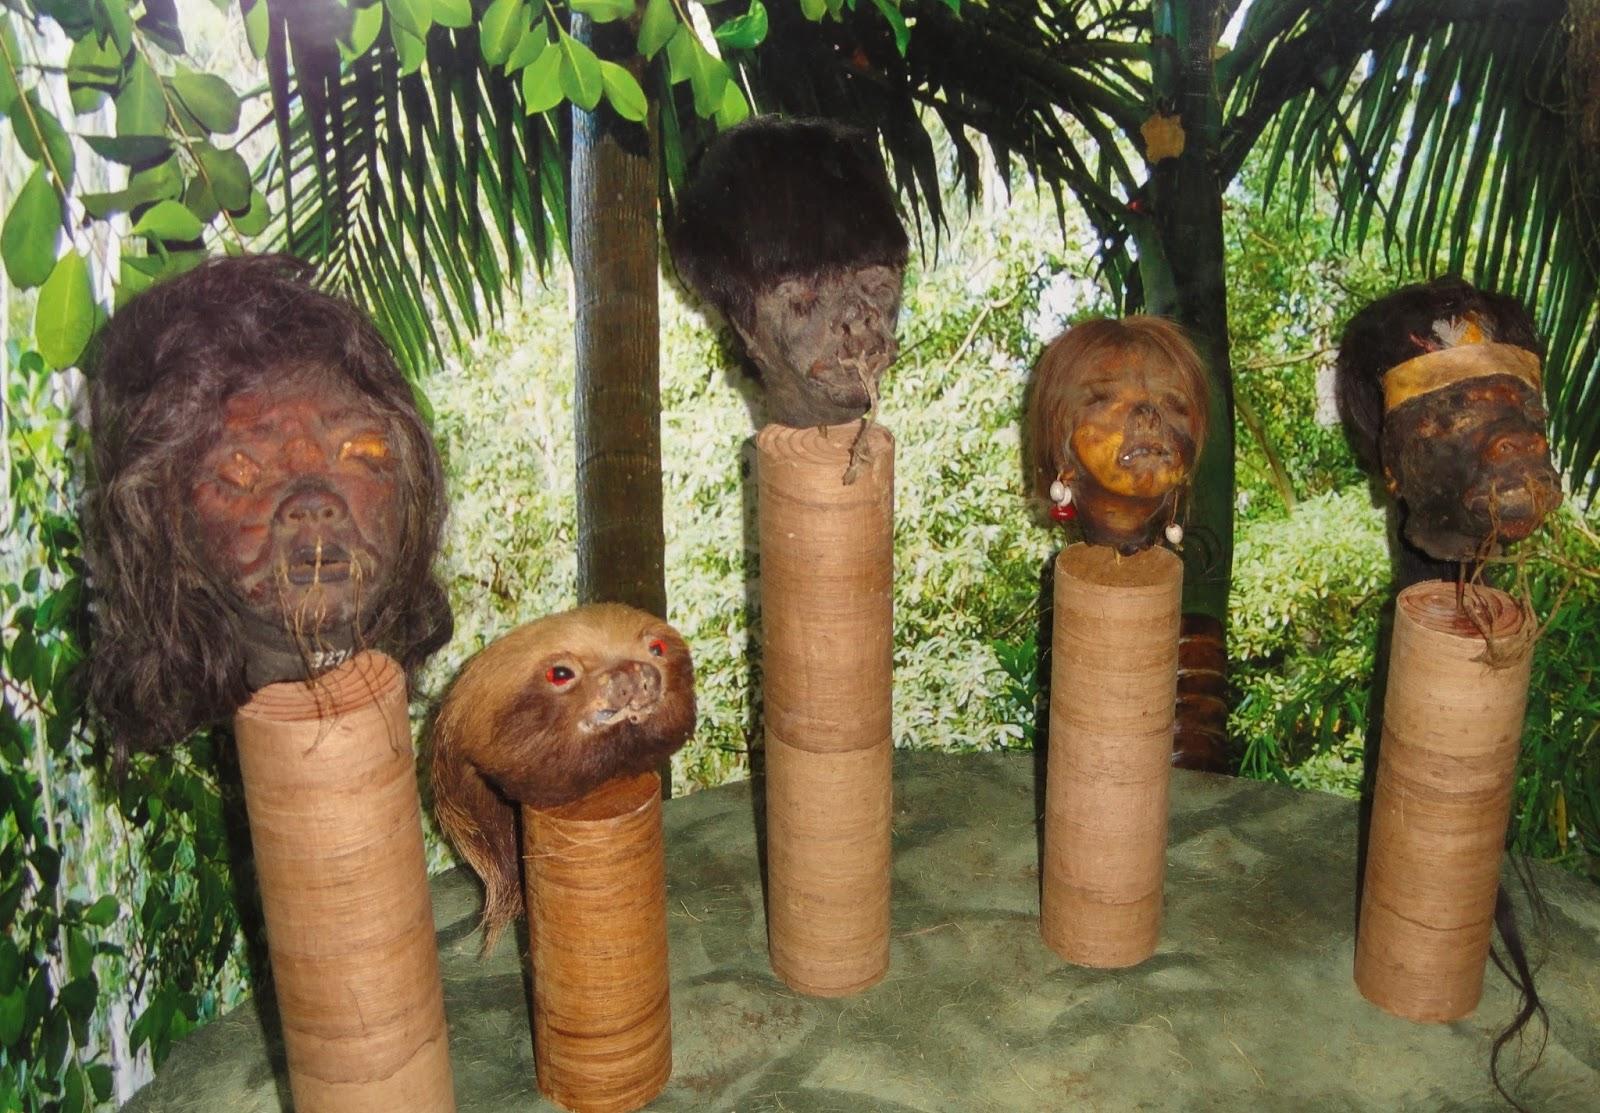 روائع ثقافية: قبائل وحشية مارست قطع رؤوس البشر